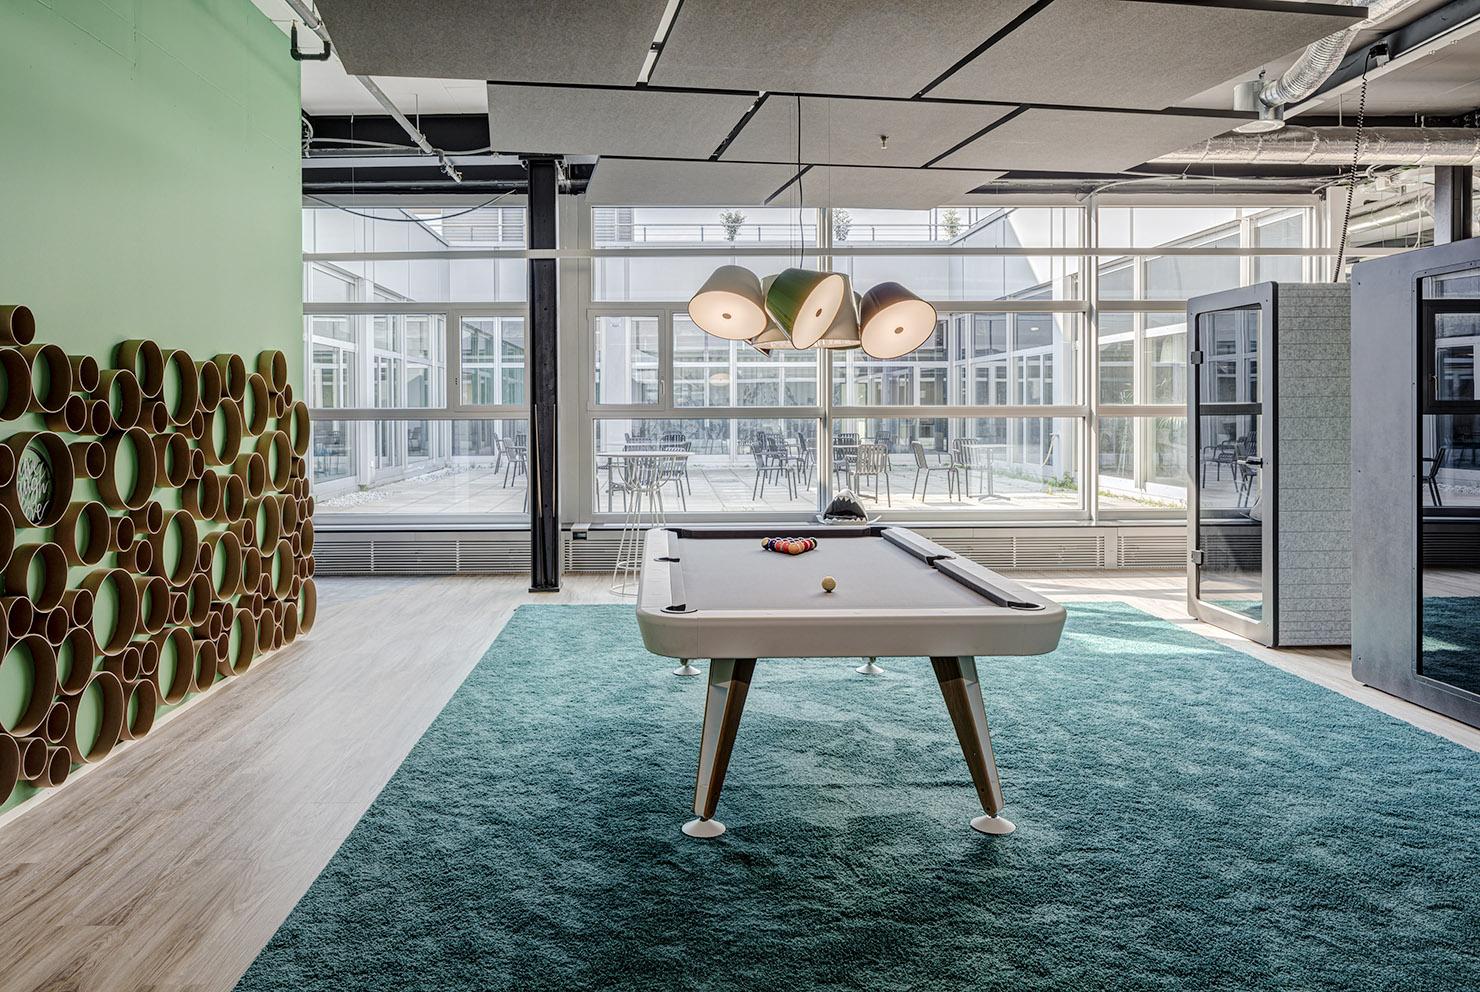 Billiardtisch im Coworking Office Limmatstadt Spreitenbach Office LAB Community Zone